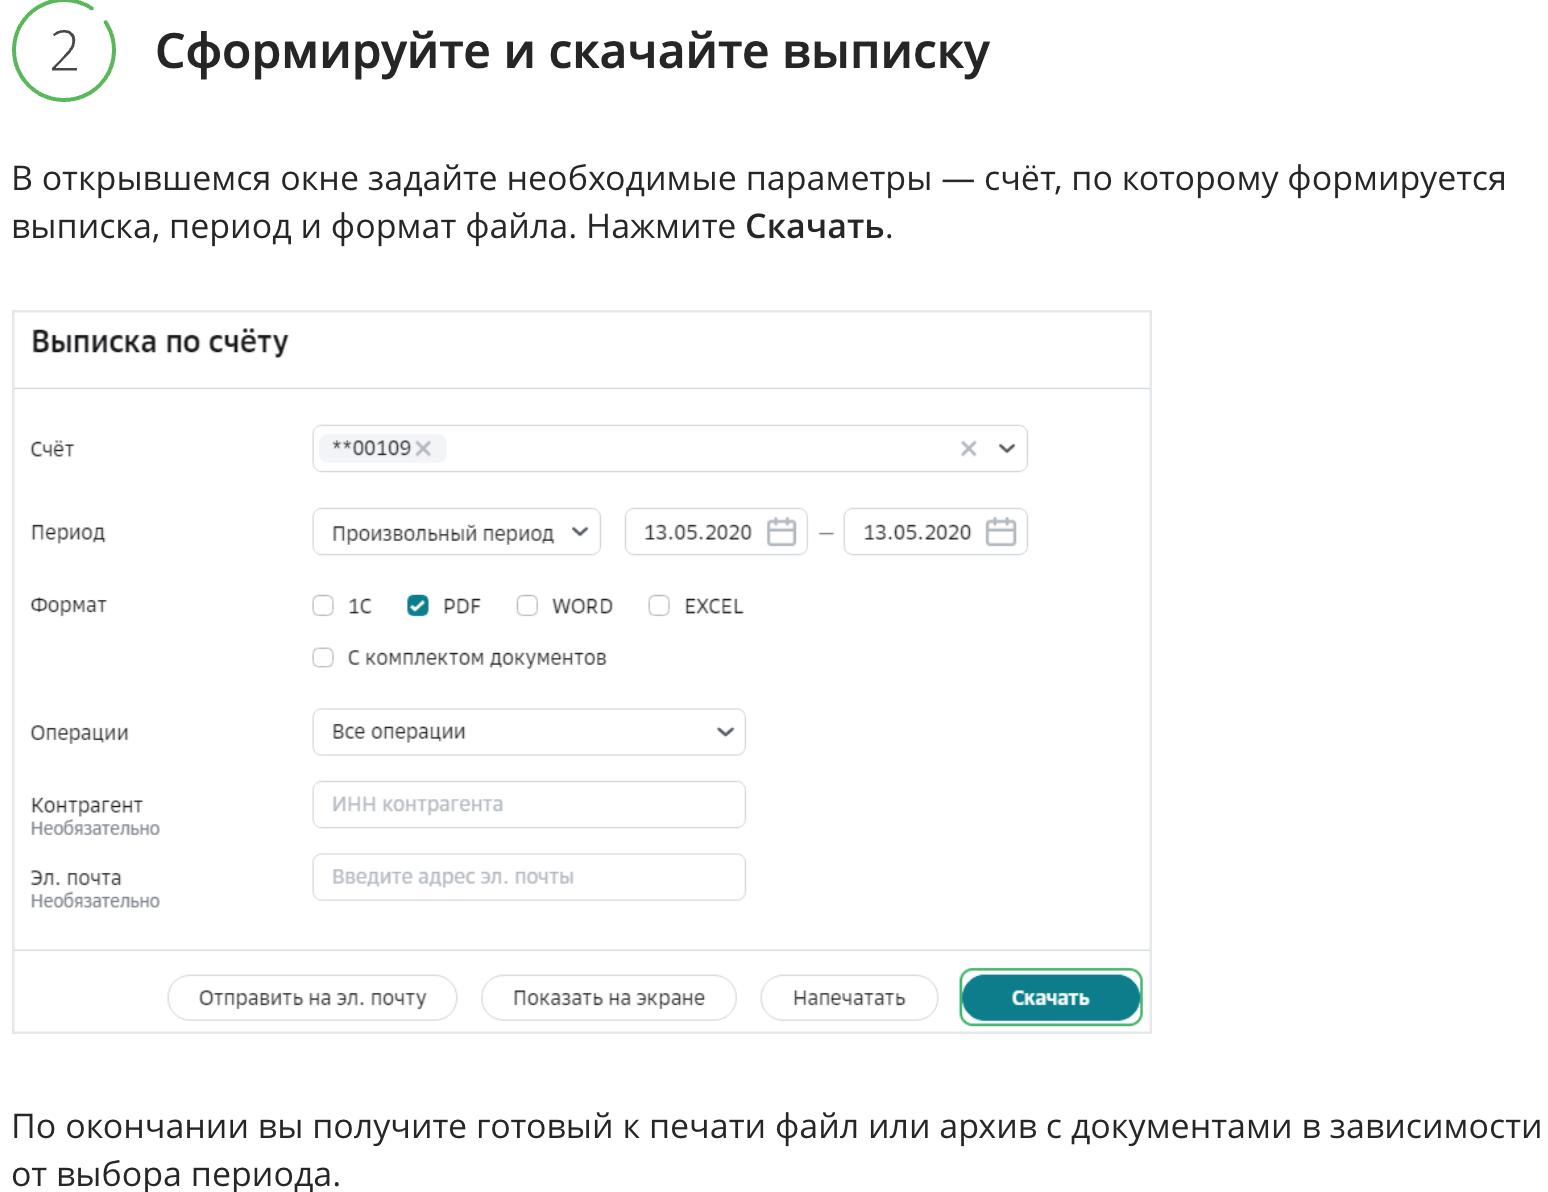 Как сделать акт сверки в Сбербанк Бизнес Онлайн: заказ документа и распечатка